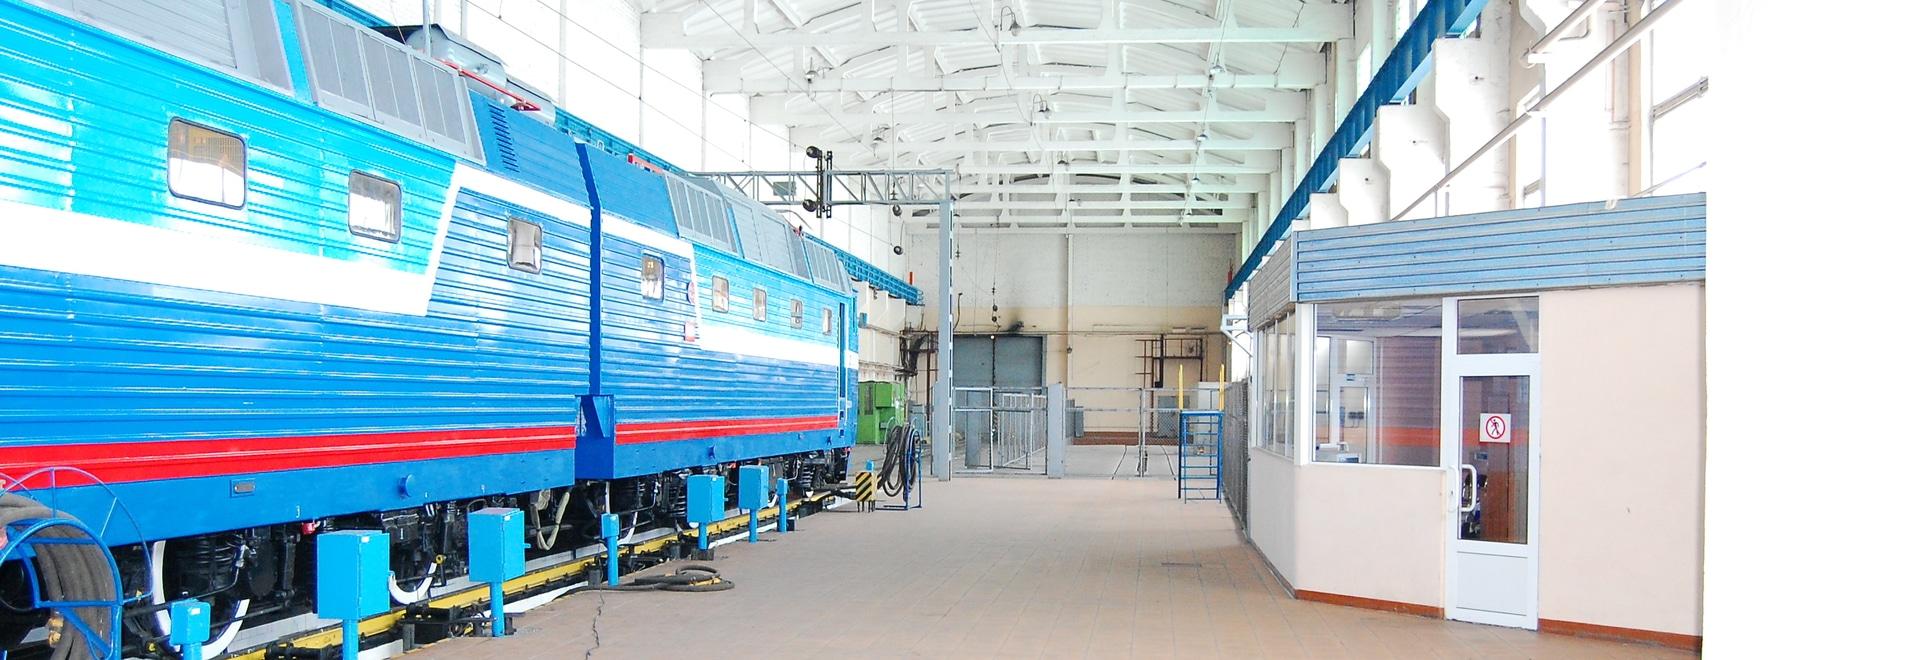 Repairing depot